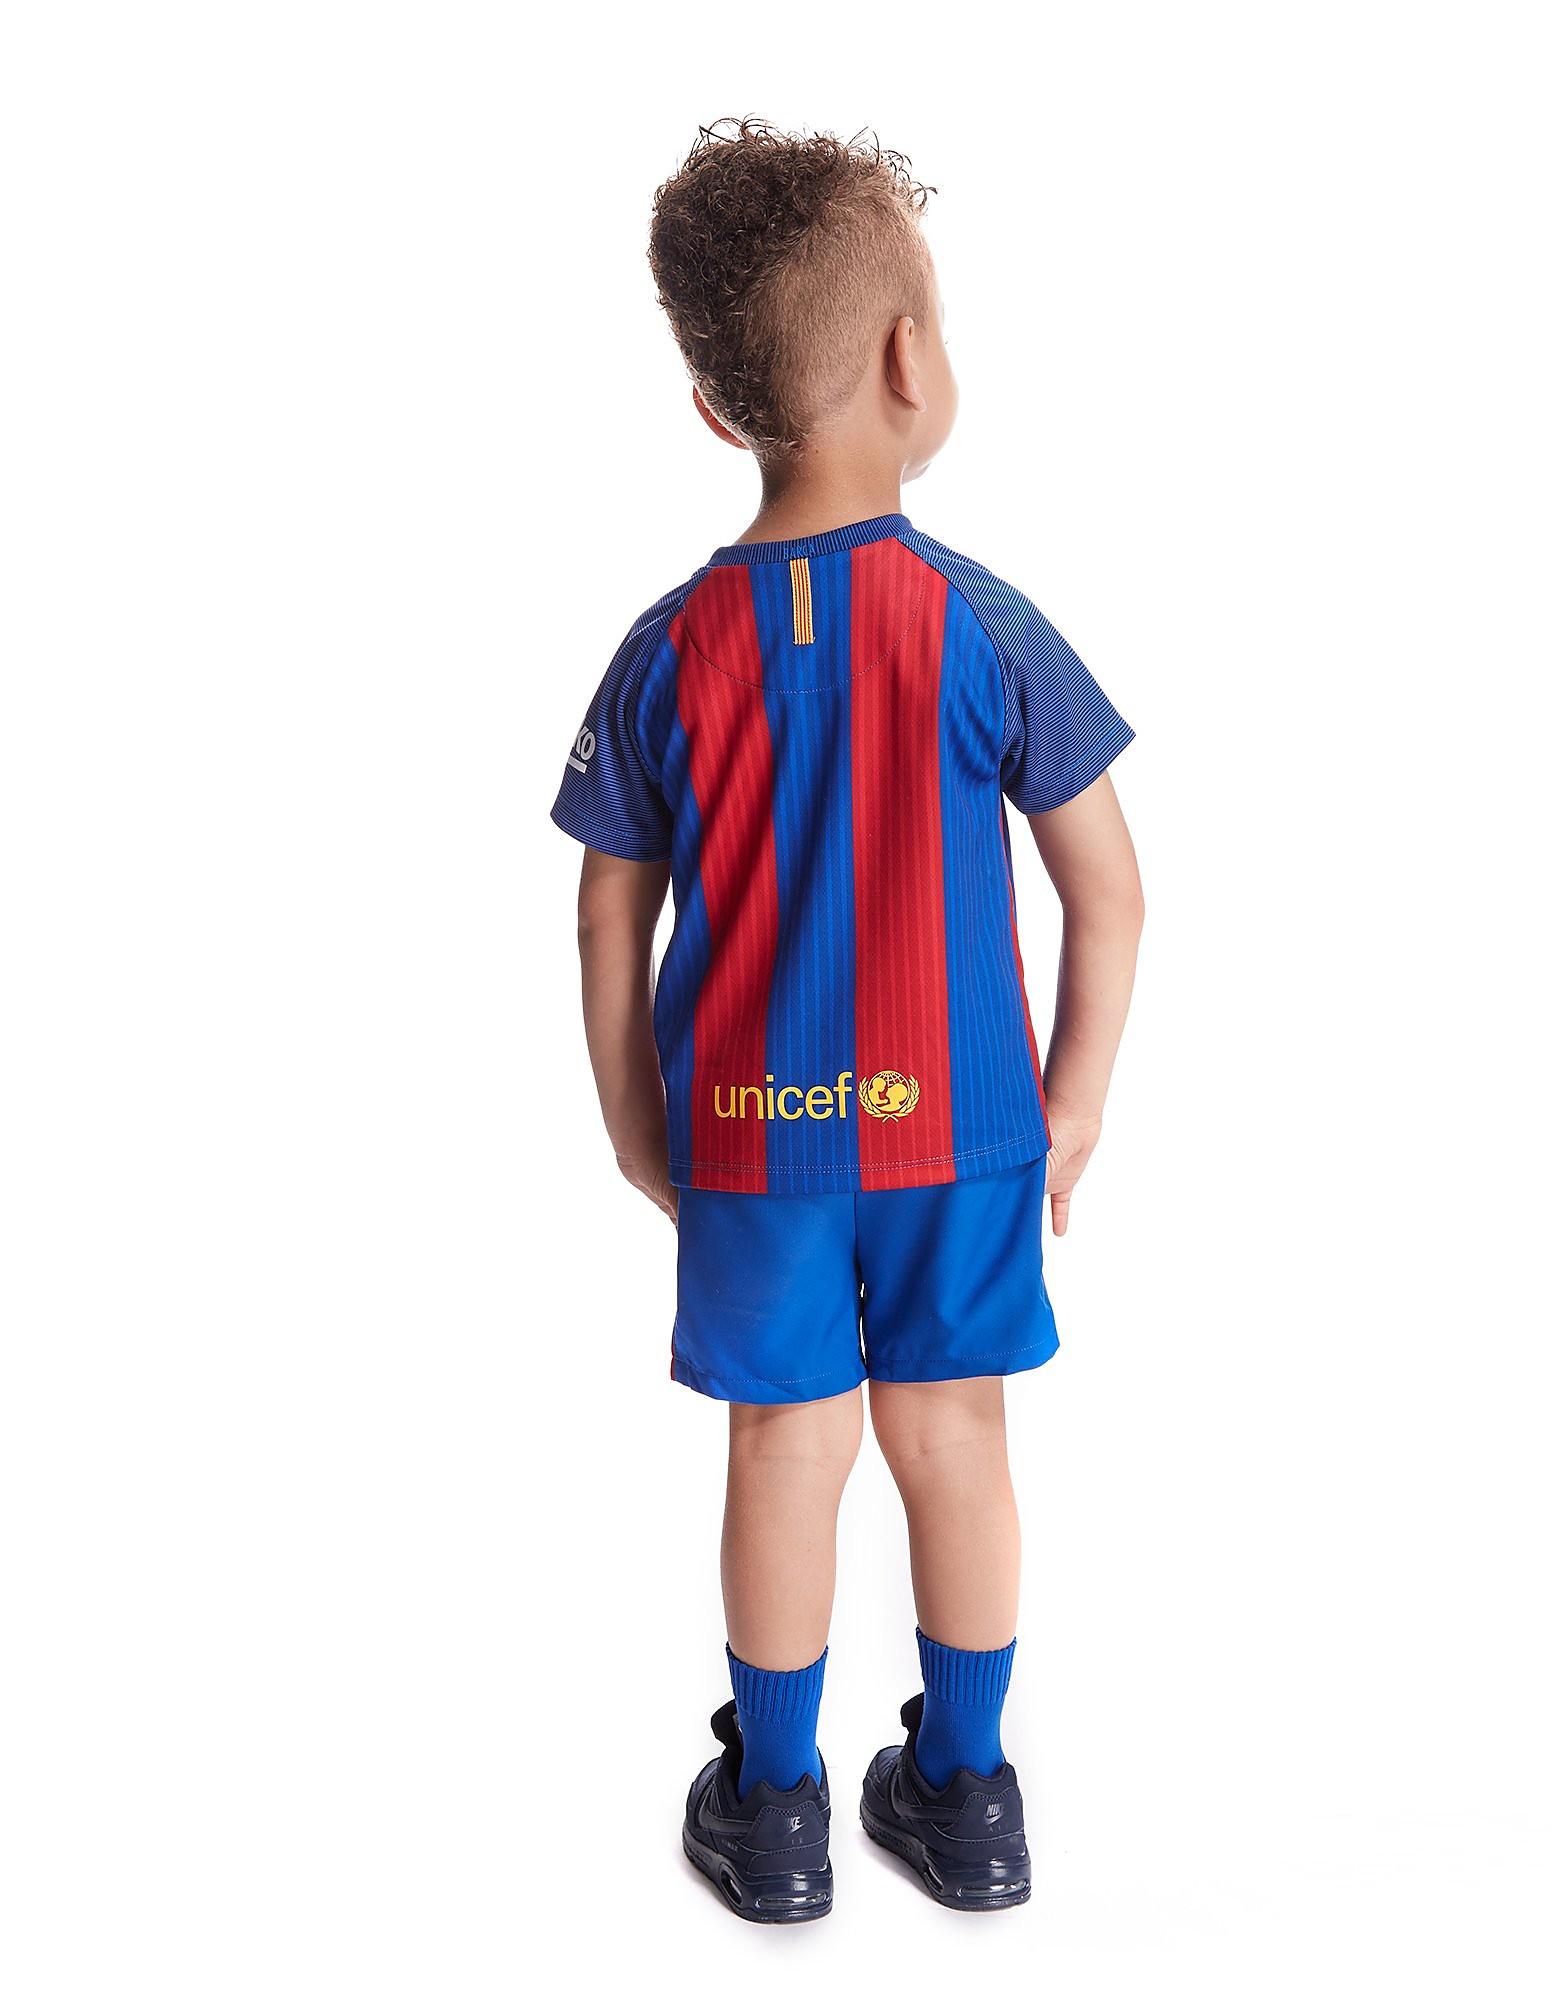 Nike Tenue domicile FC Barcelone 2016/17 pour bébé